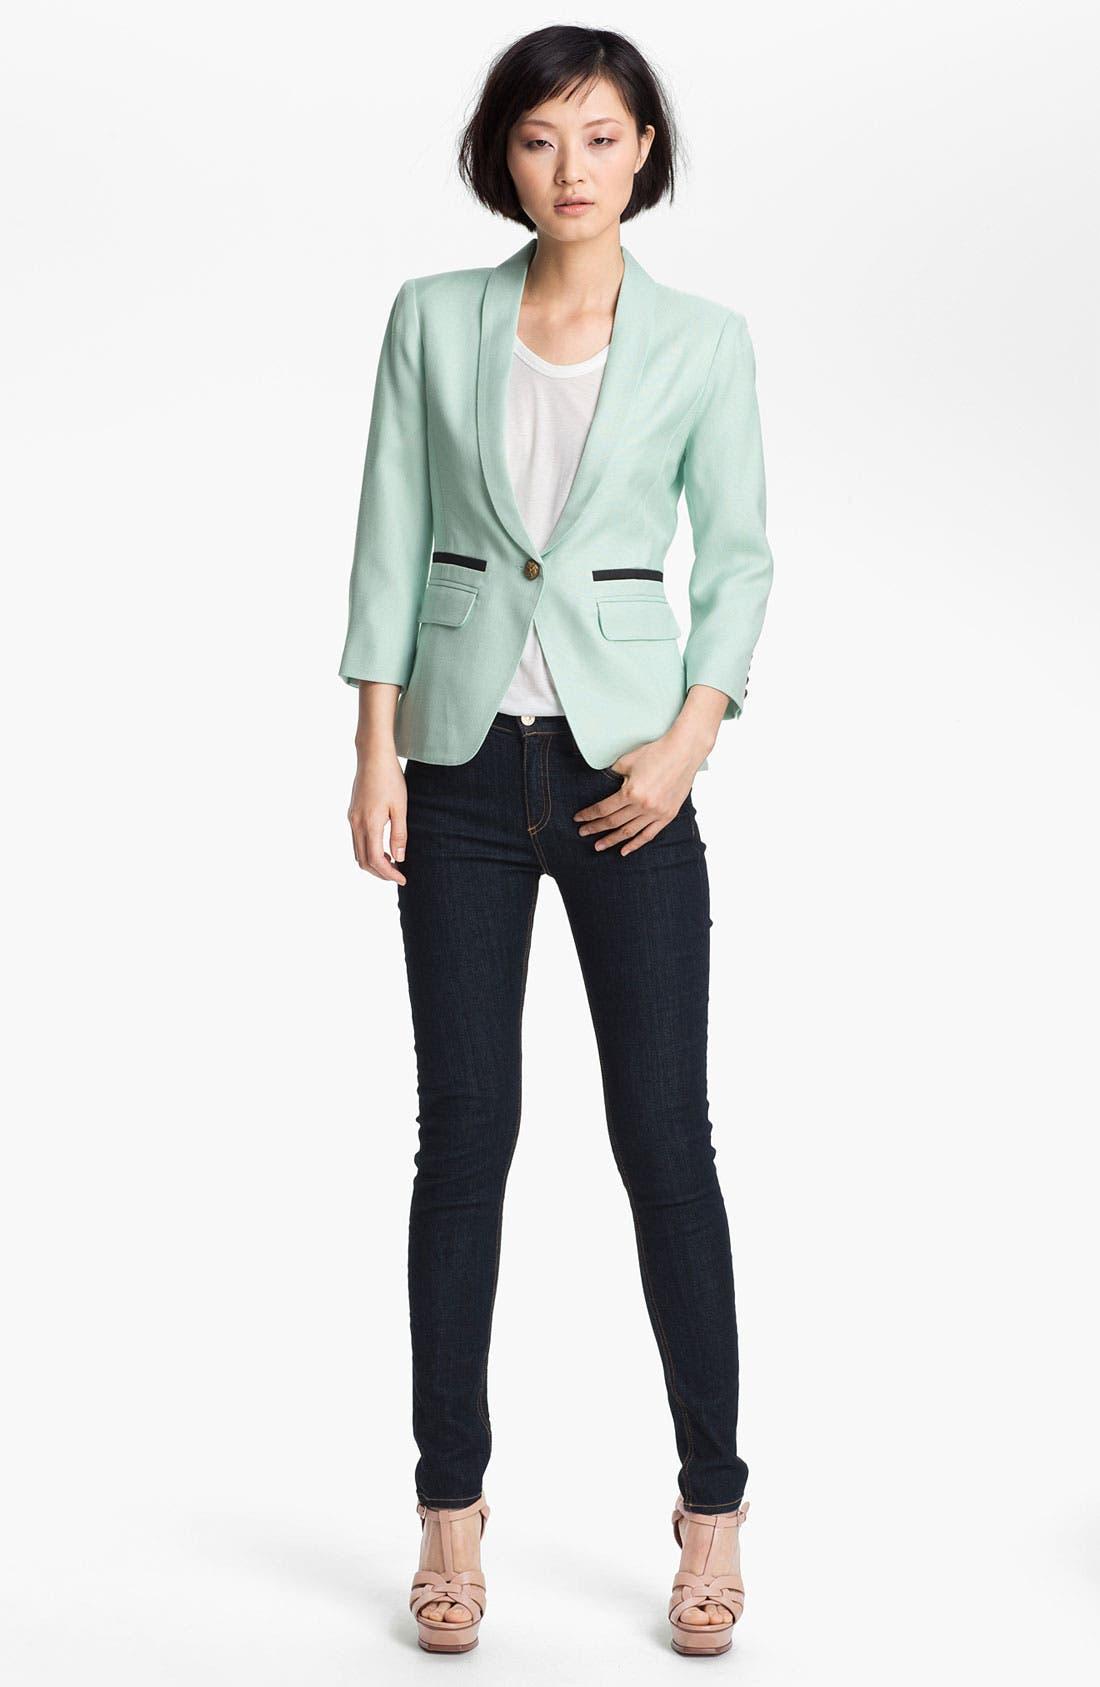 Alternate Image 1 Selected - Smythe Blazer & rag & bone/JEAN Skinny Jeans